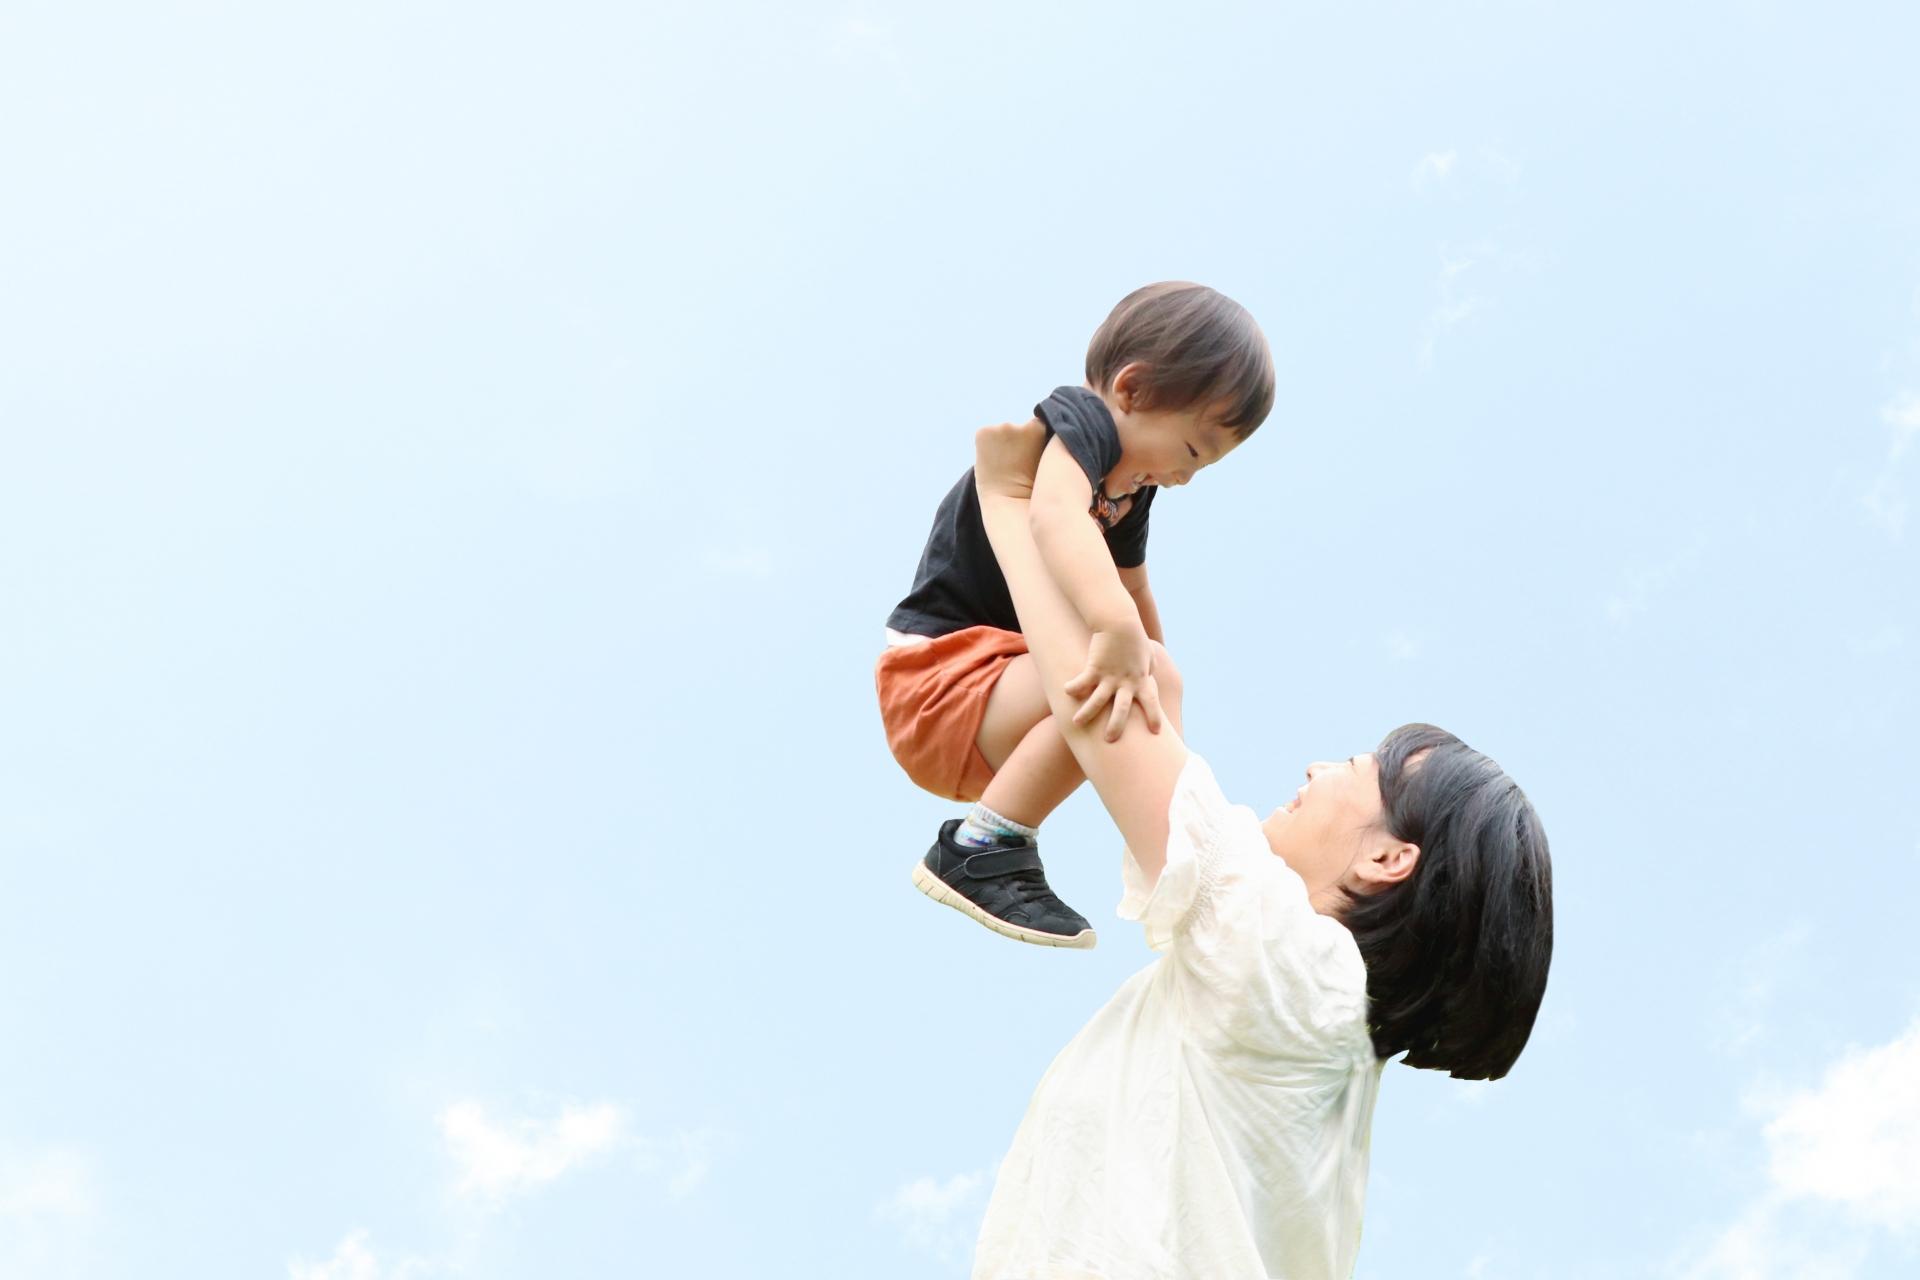 子どもを抱きかかえるお母さん